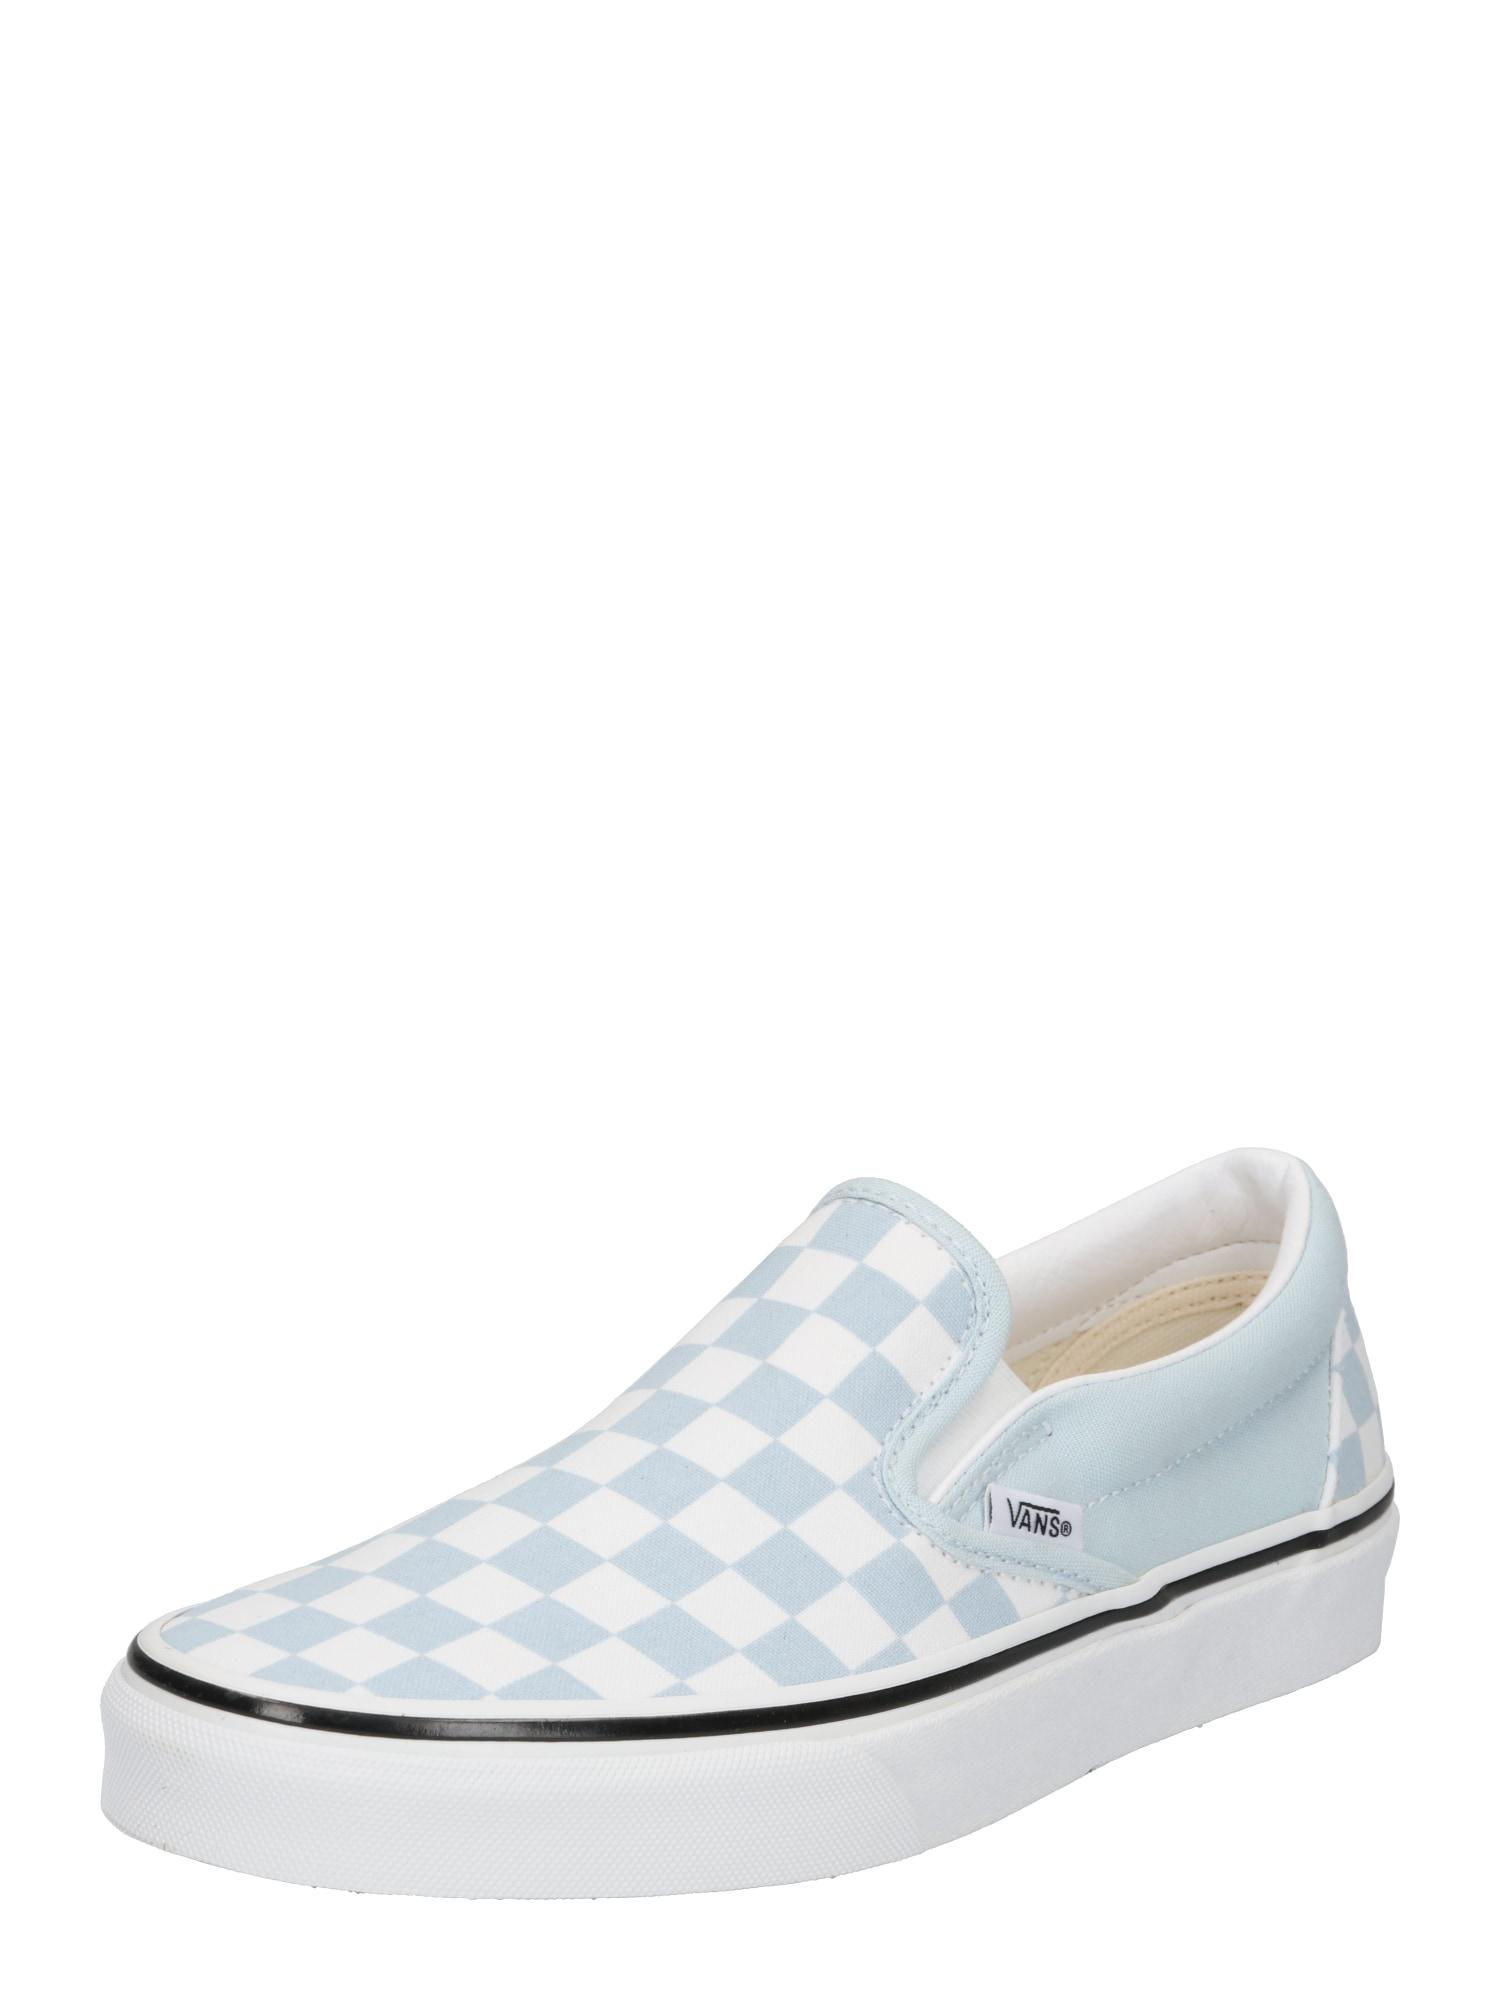 VANS Slip on boty  bílá / modrá